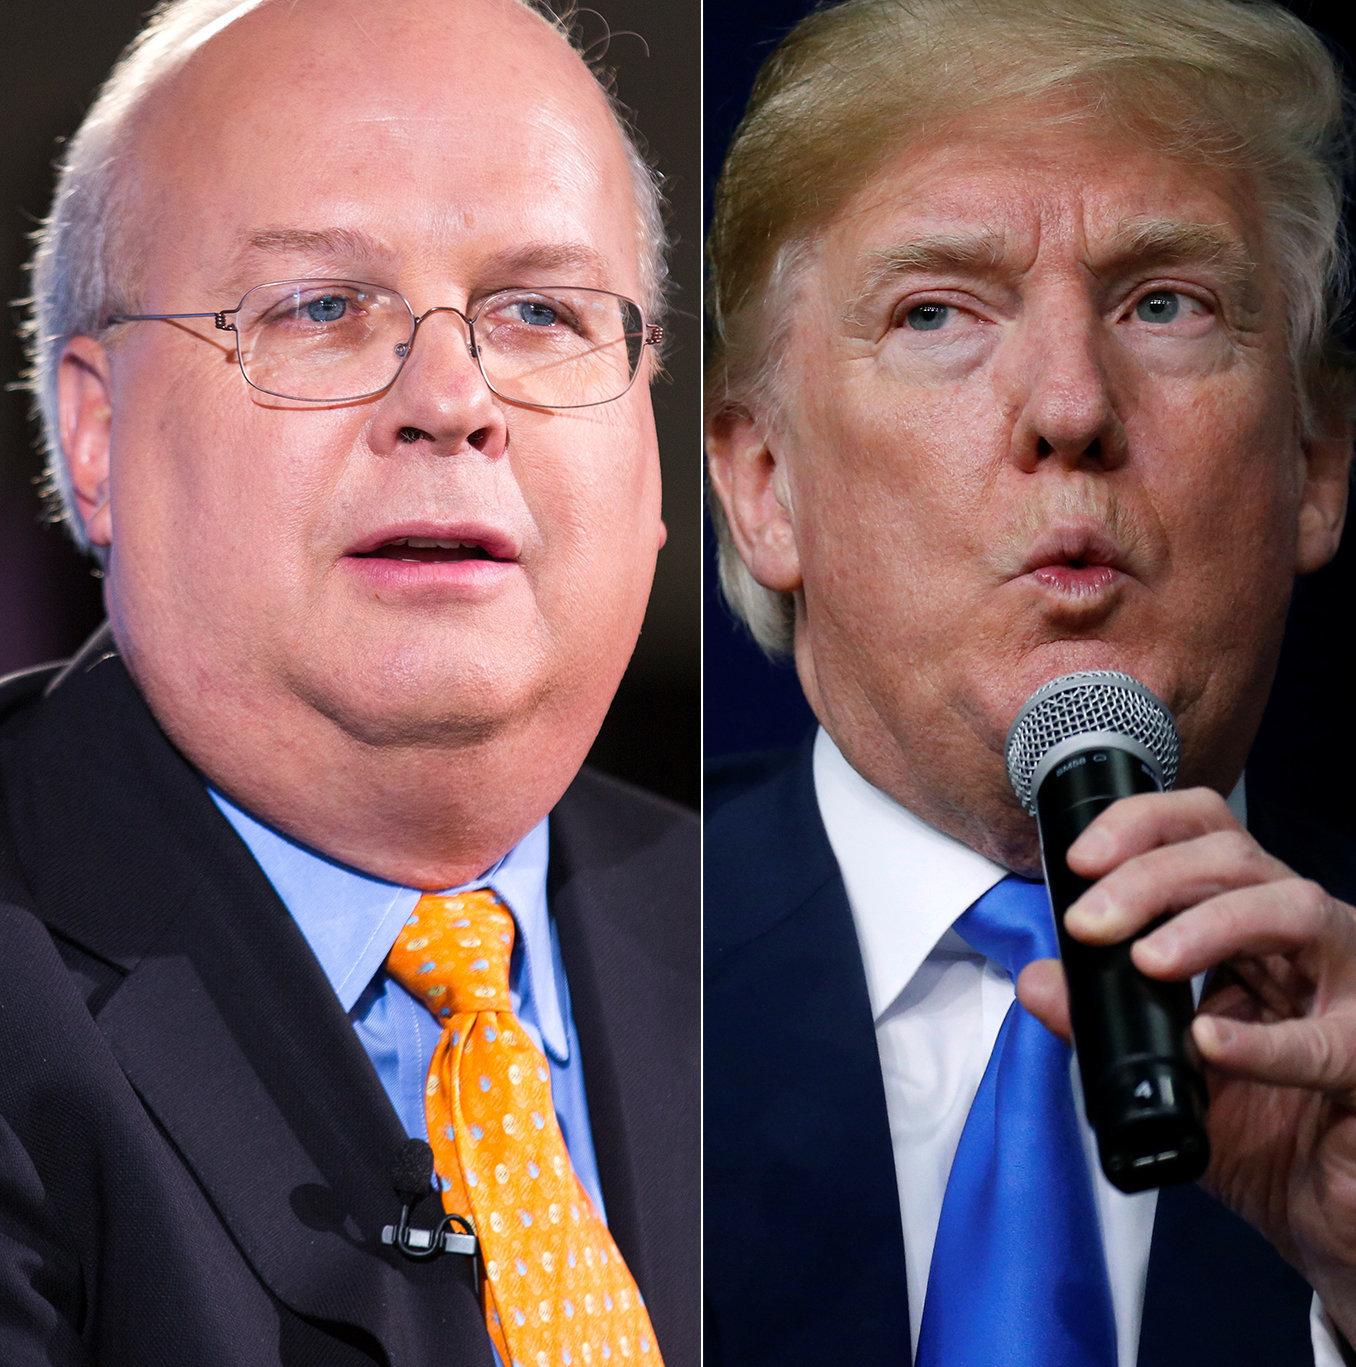 Karl Rove Likens Trump To Stalin, Tells Him To 'Tone Down' Anti-Press